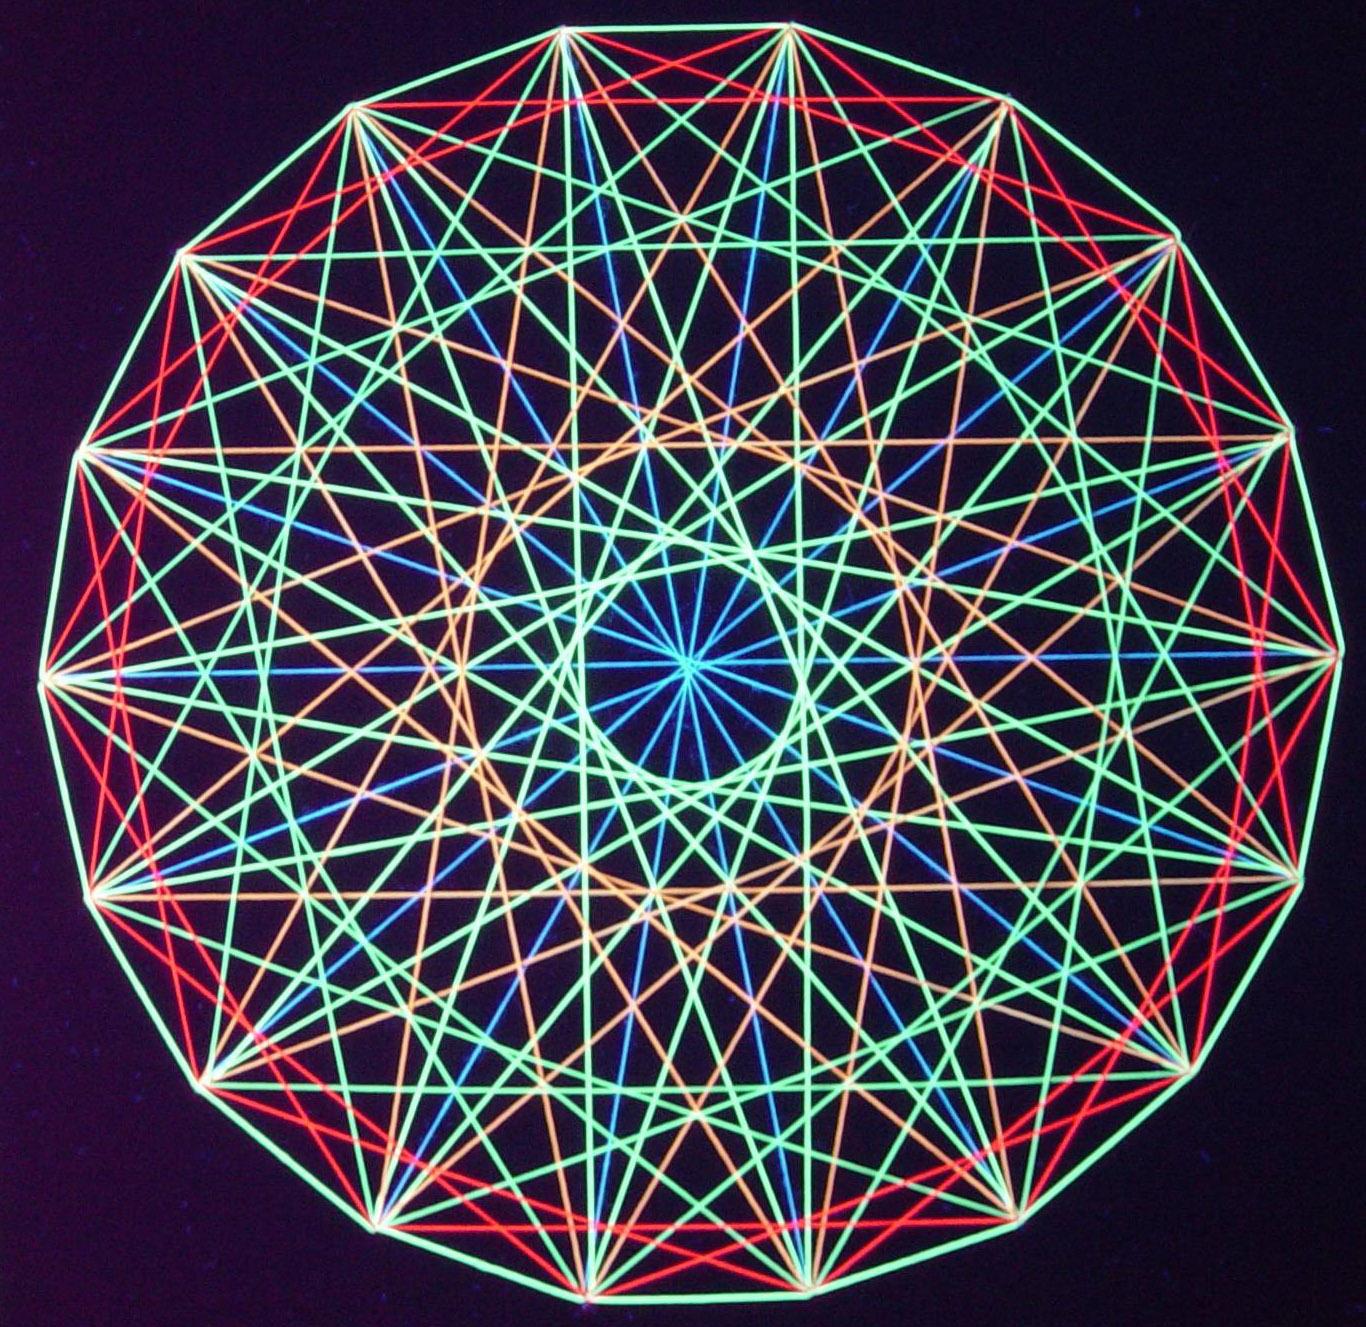 Line Design String Art : Di croce st simon nail string art